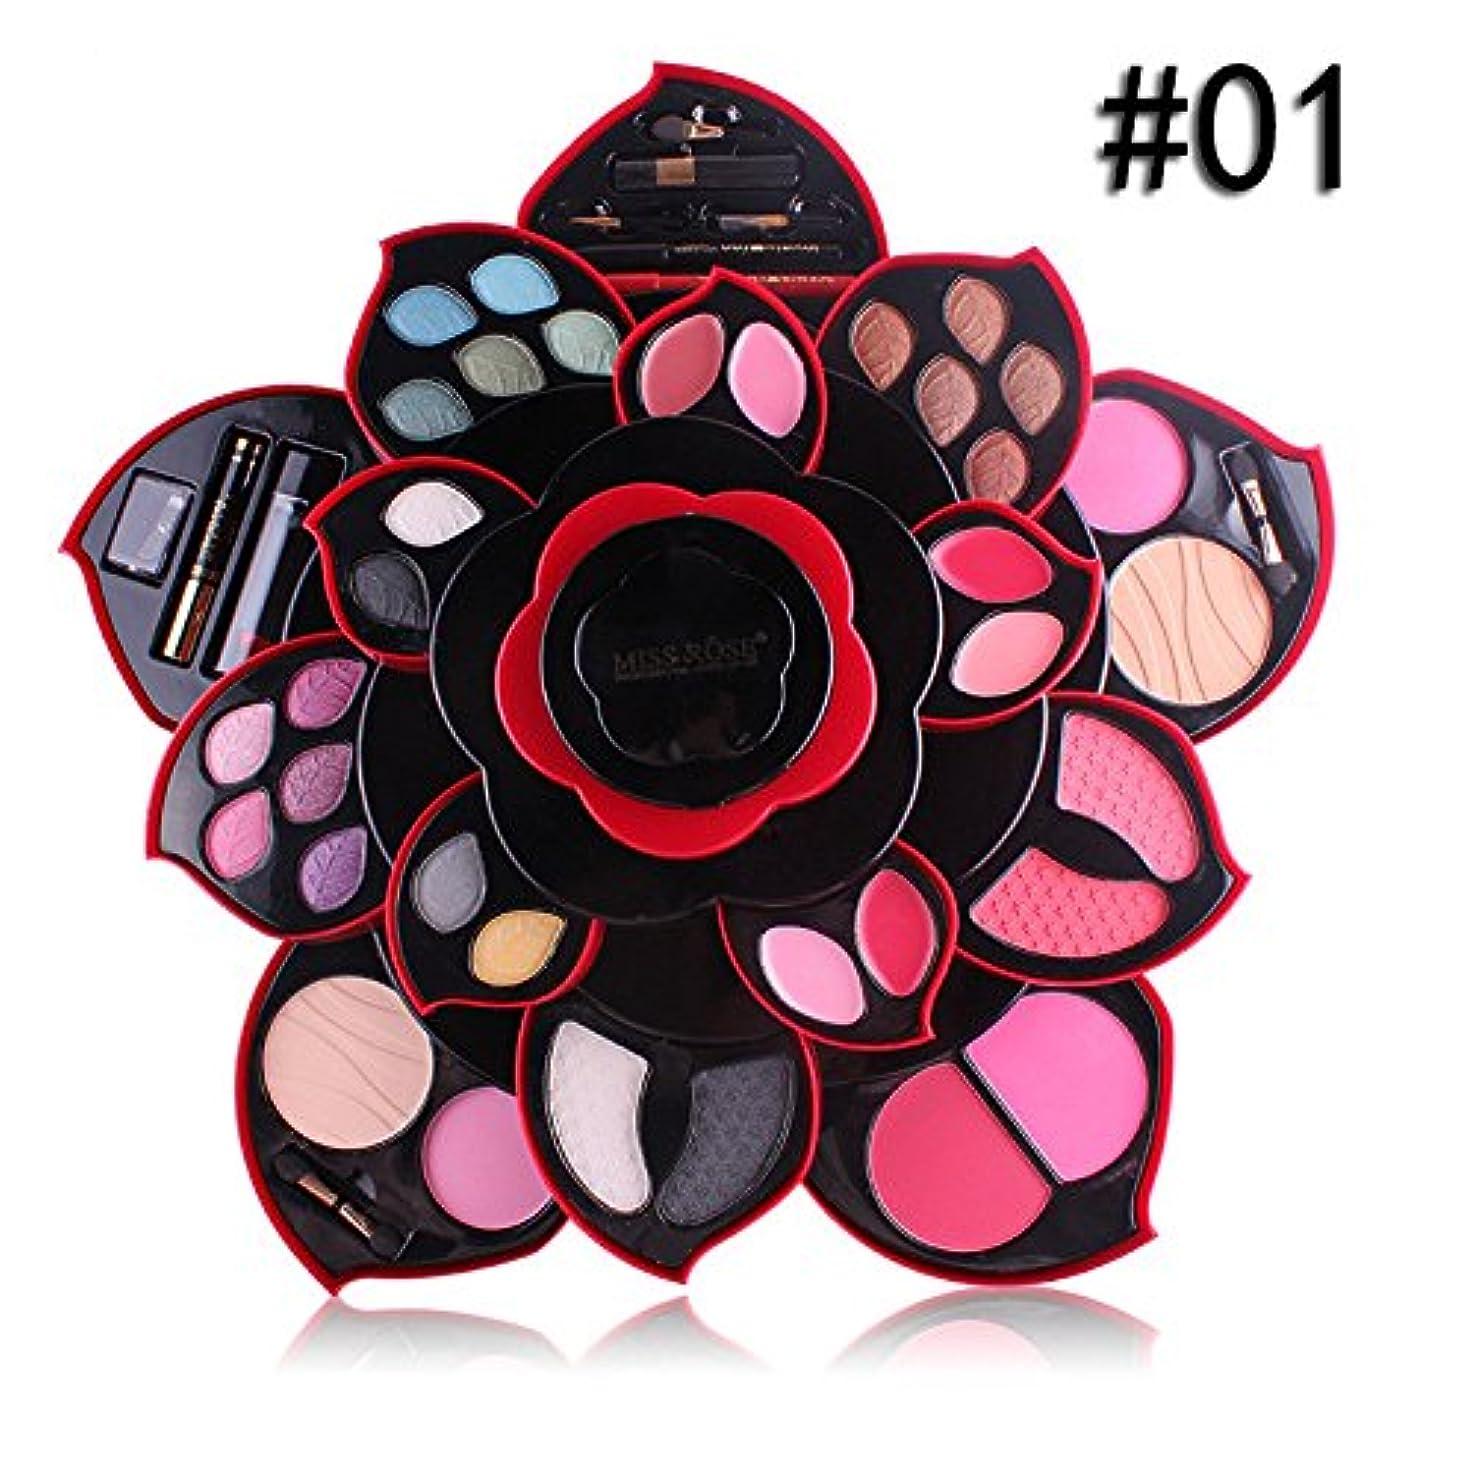 保持最終議論するビューティー アイシャドー wwkeiying アイシャドウセット ファッション 23色 梅の花デザイン メイクボックス 回転多機能化粧品 プロ化粧師 メイクの達人 プレゼント (A) (A)